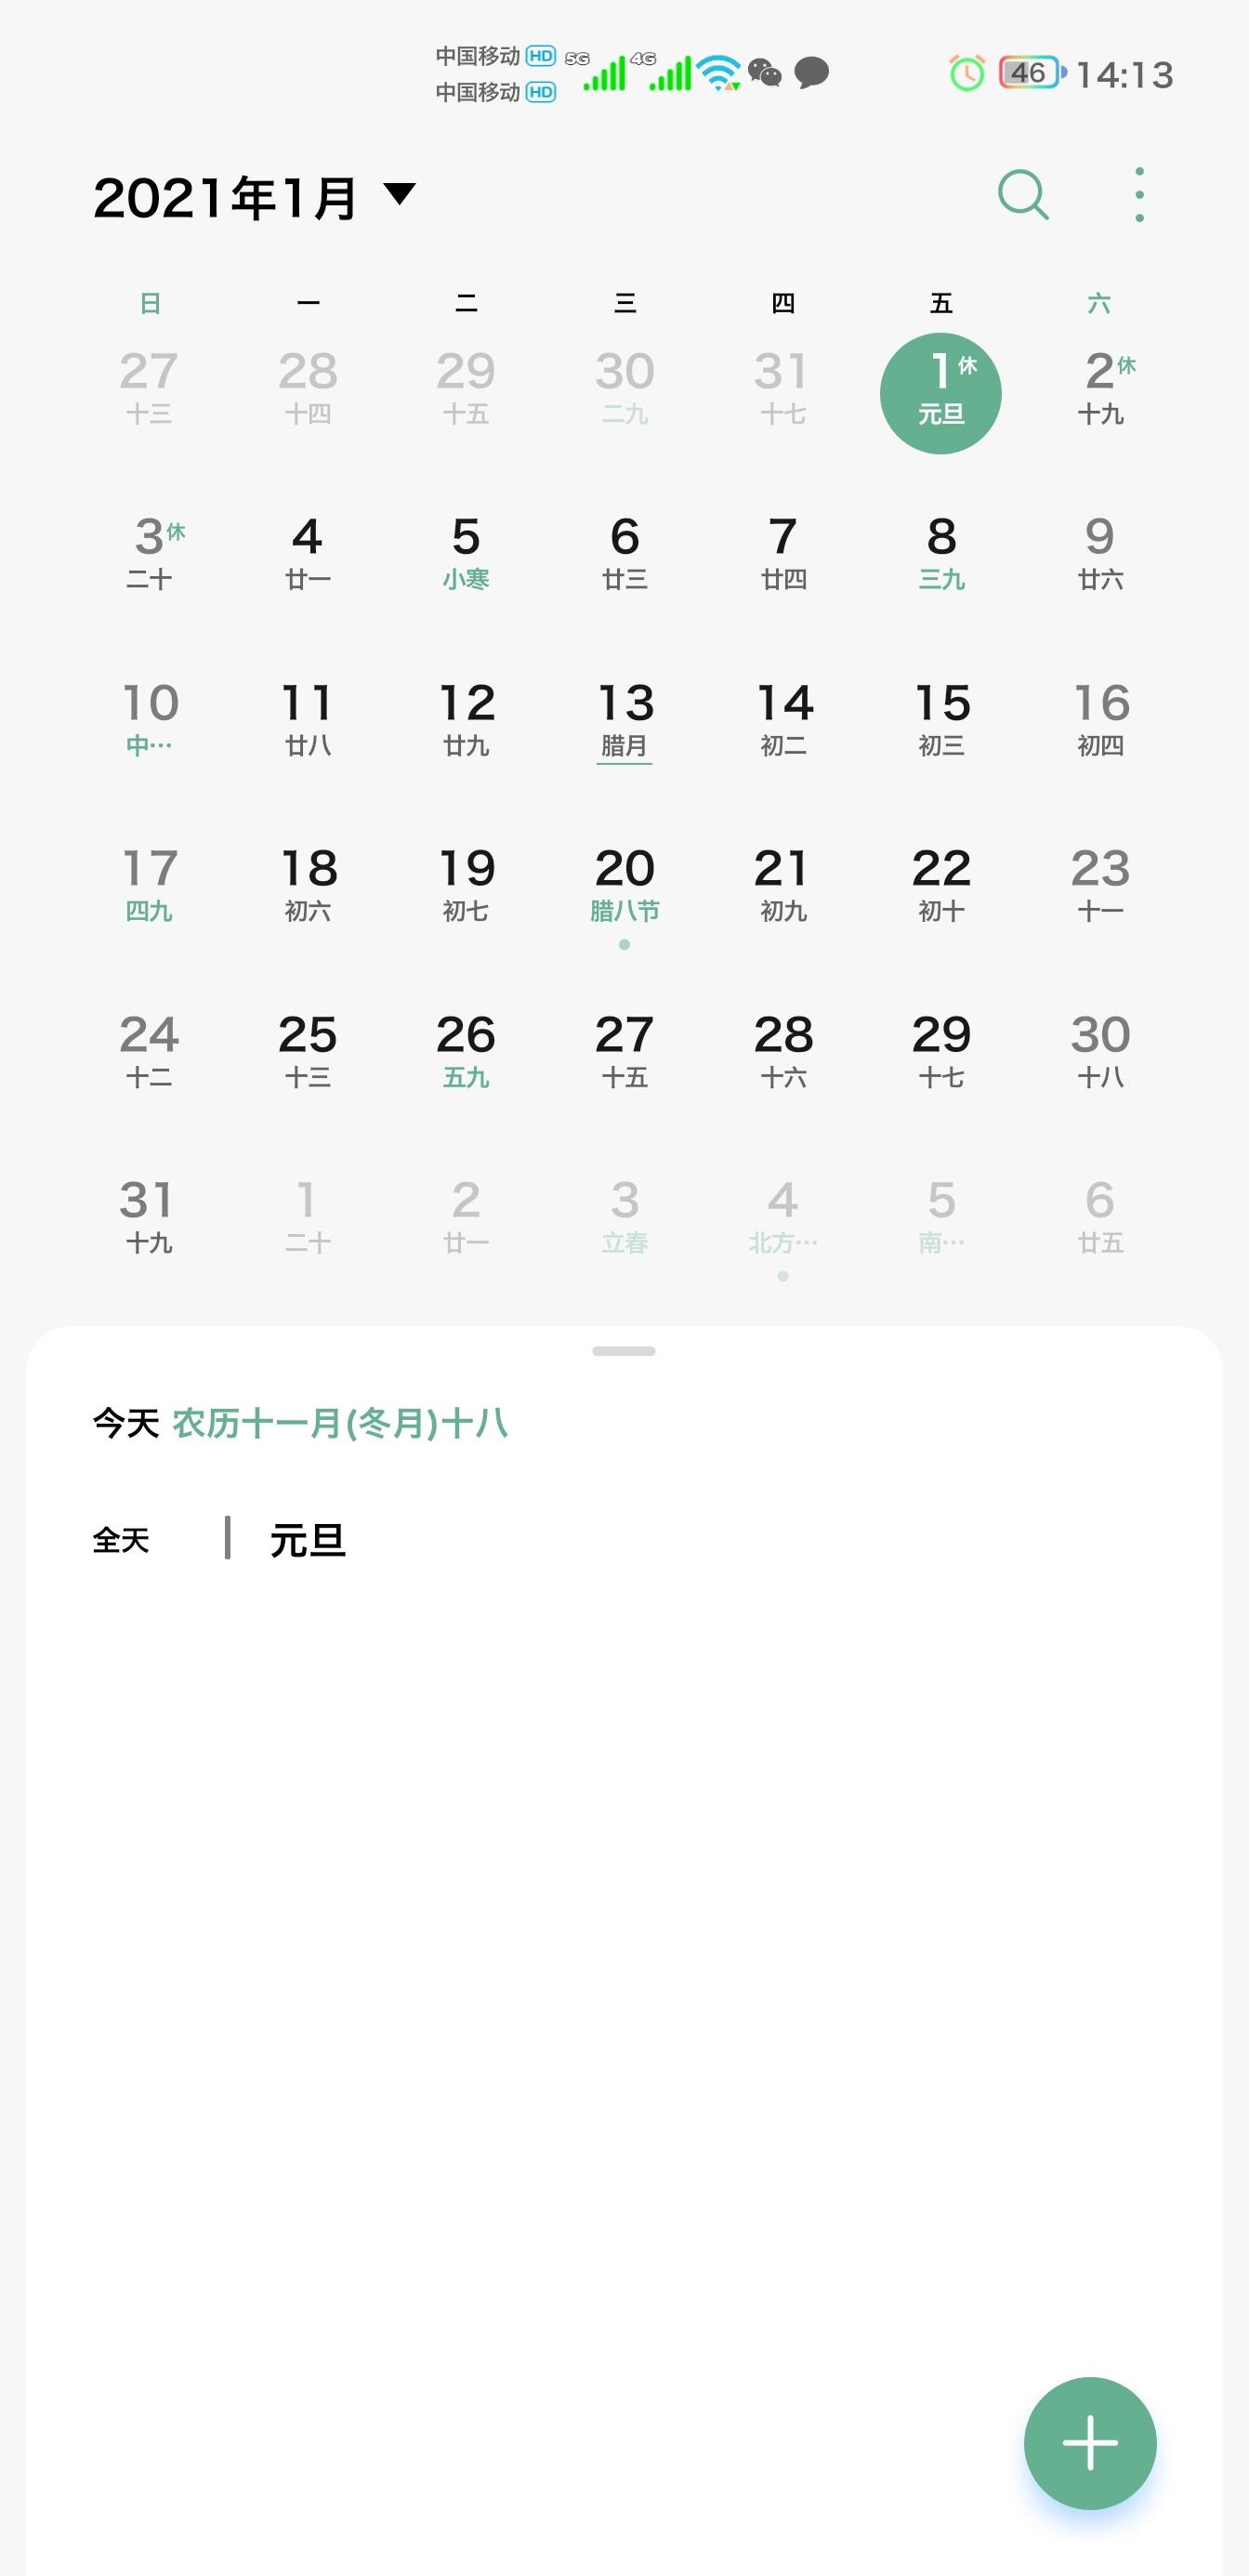 新建文件夹Screenshot_20210101_141304_com.huawei.calendar.jpg